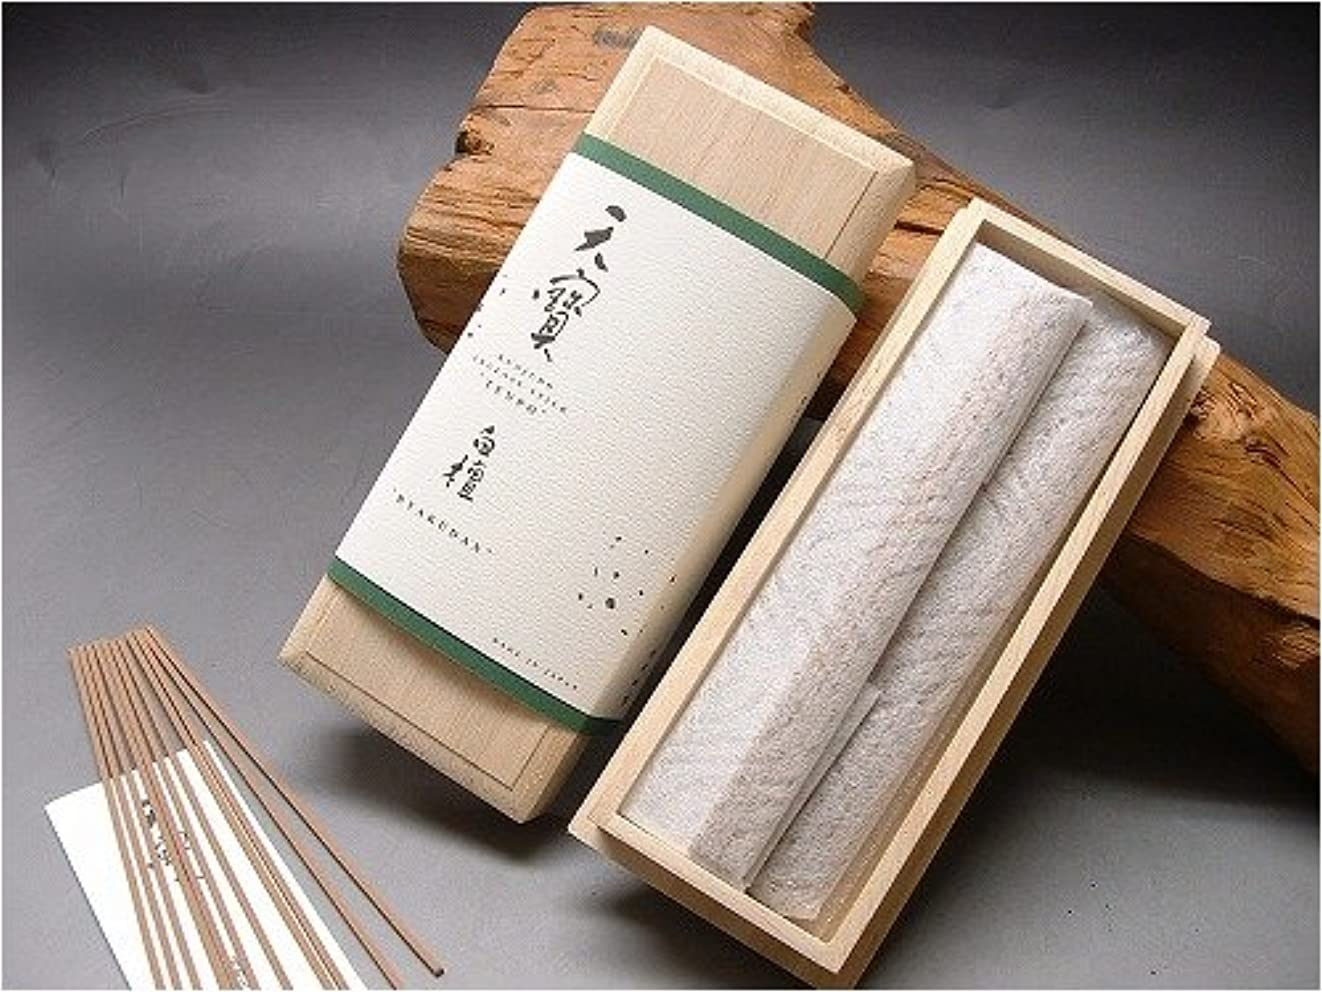 脅かす娯楽サミット薫寿堂のお香 天寶 白檀 スティック型